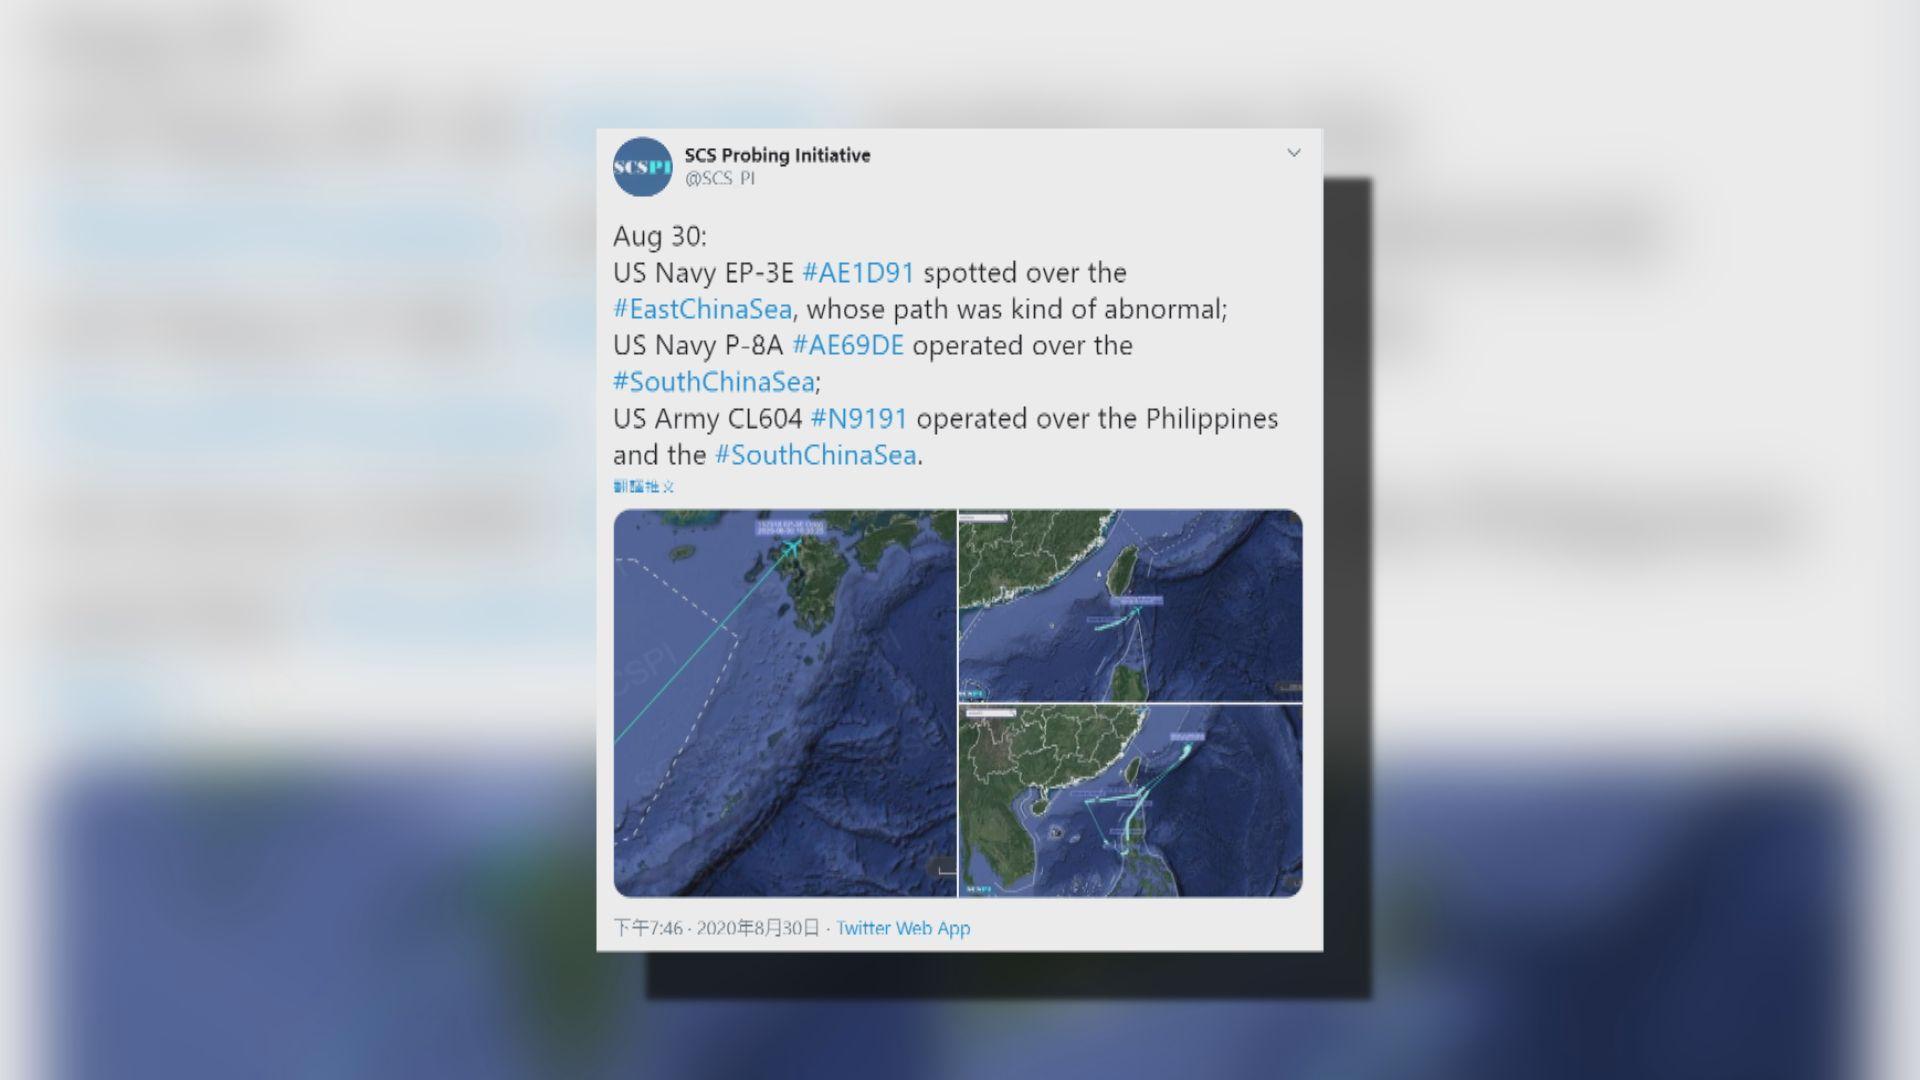 環時社評:若美軍機由台灣起飛屬實 台海戰爭就此打響